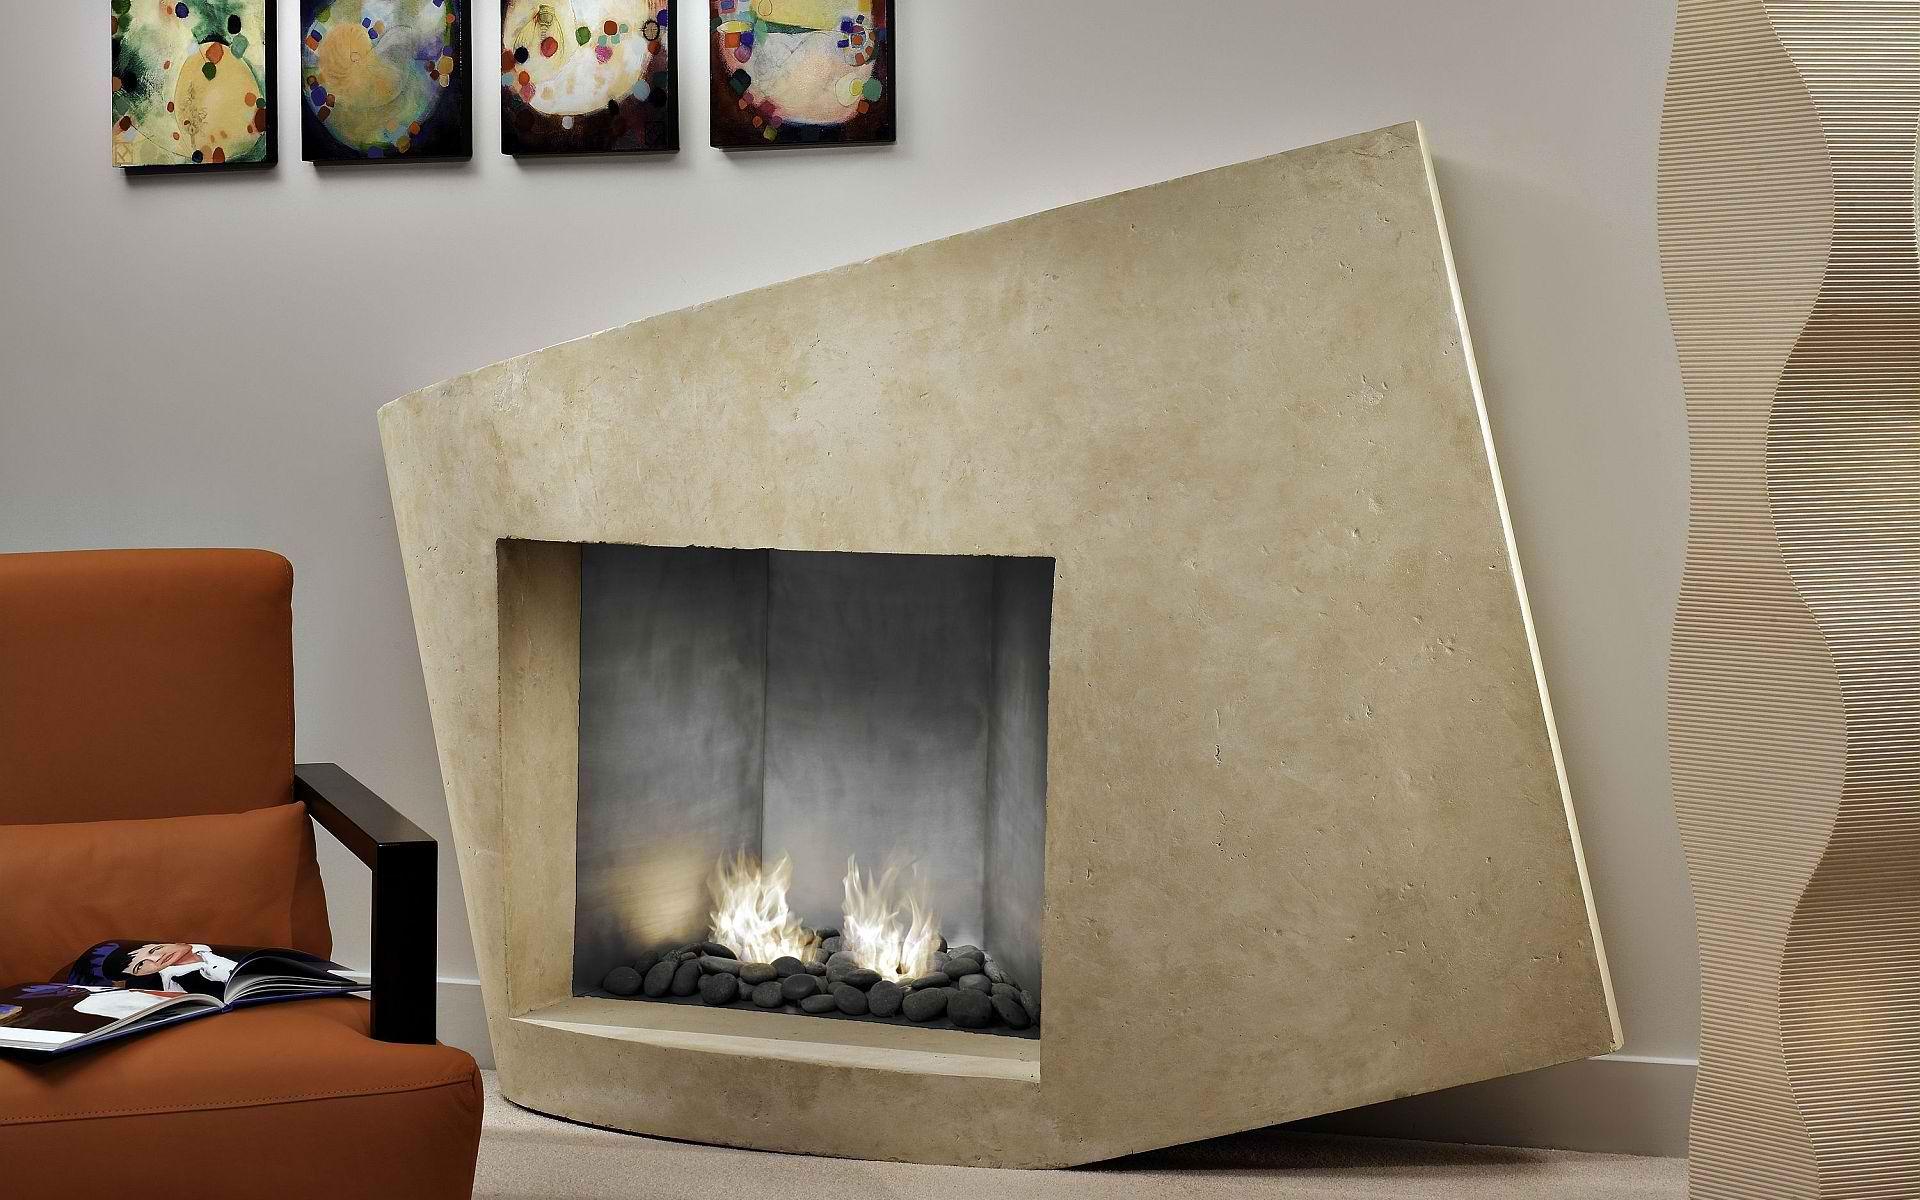 Corner gas fireplace design ideas | 2717 backyard | Pinterest ...